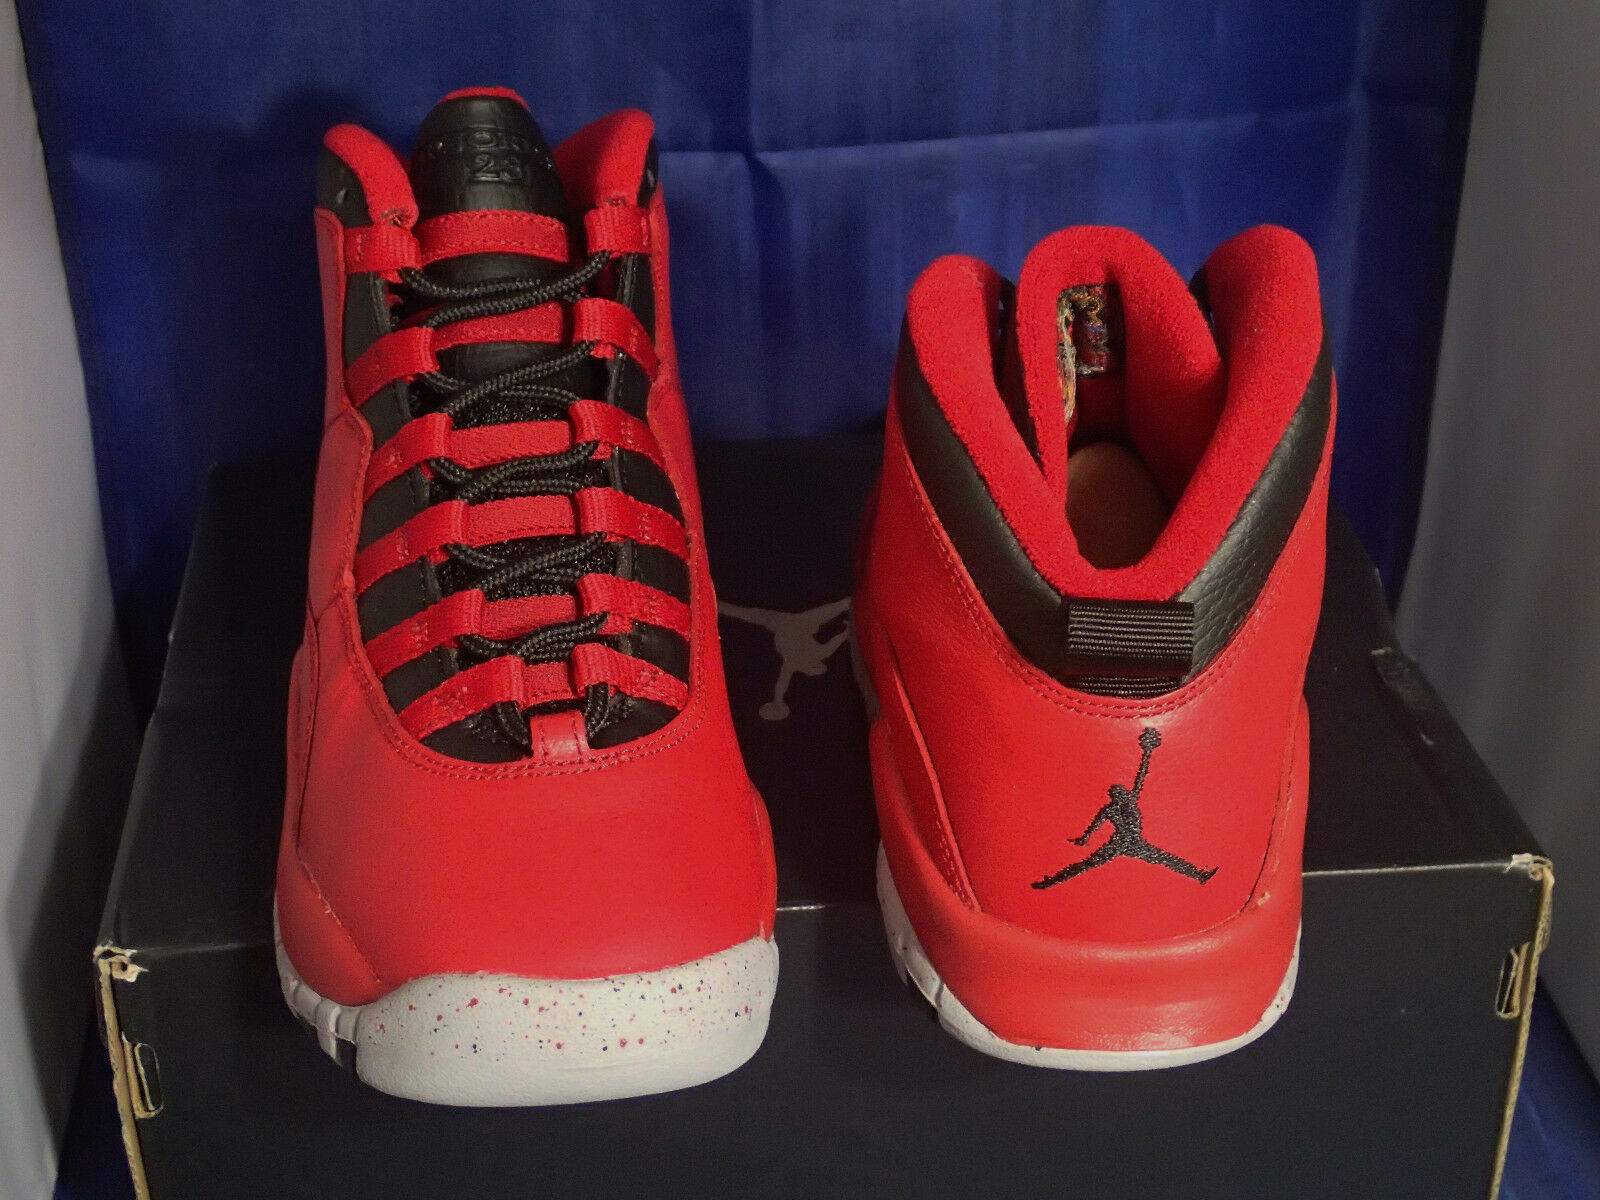 Nike Air Jordan 10 x Rétro Bulls Bulls Bulls Over Broadway Taglie 9.5 (705178-601) | una vasta gamma di prodotti  | Maschio/Ragazze Scarpa  c9c3a6